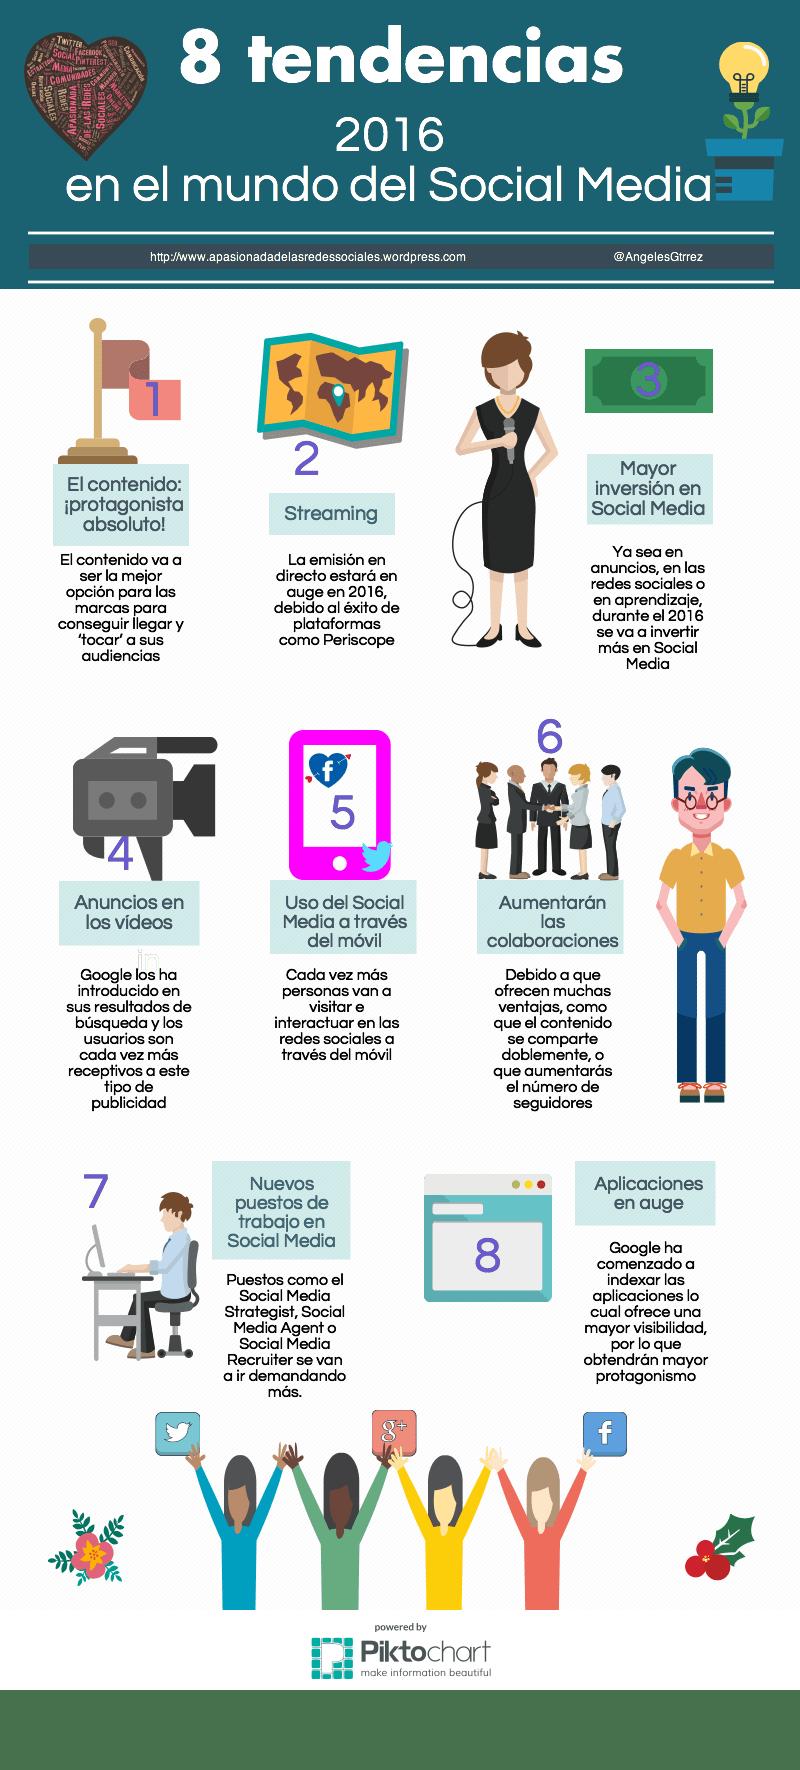 8 tendencias en Redes Sociales para 2016